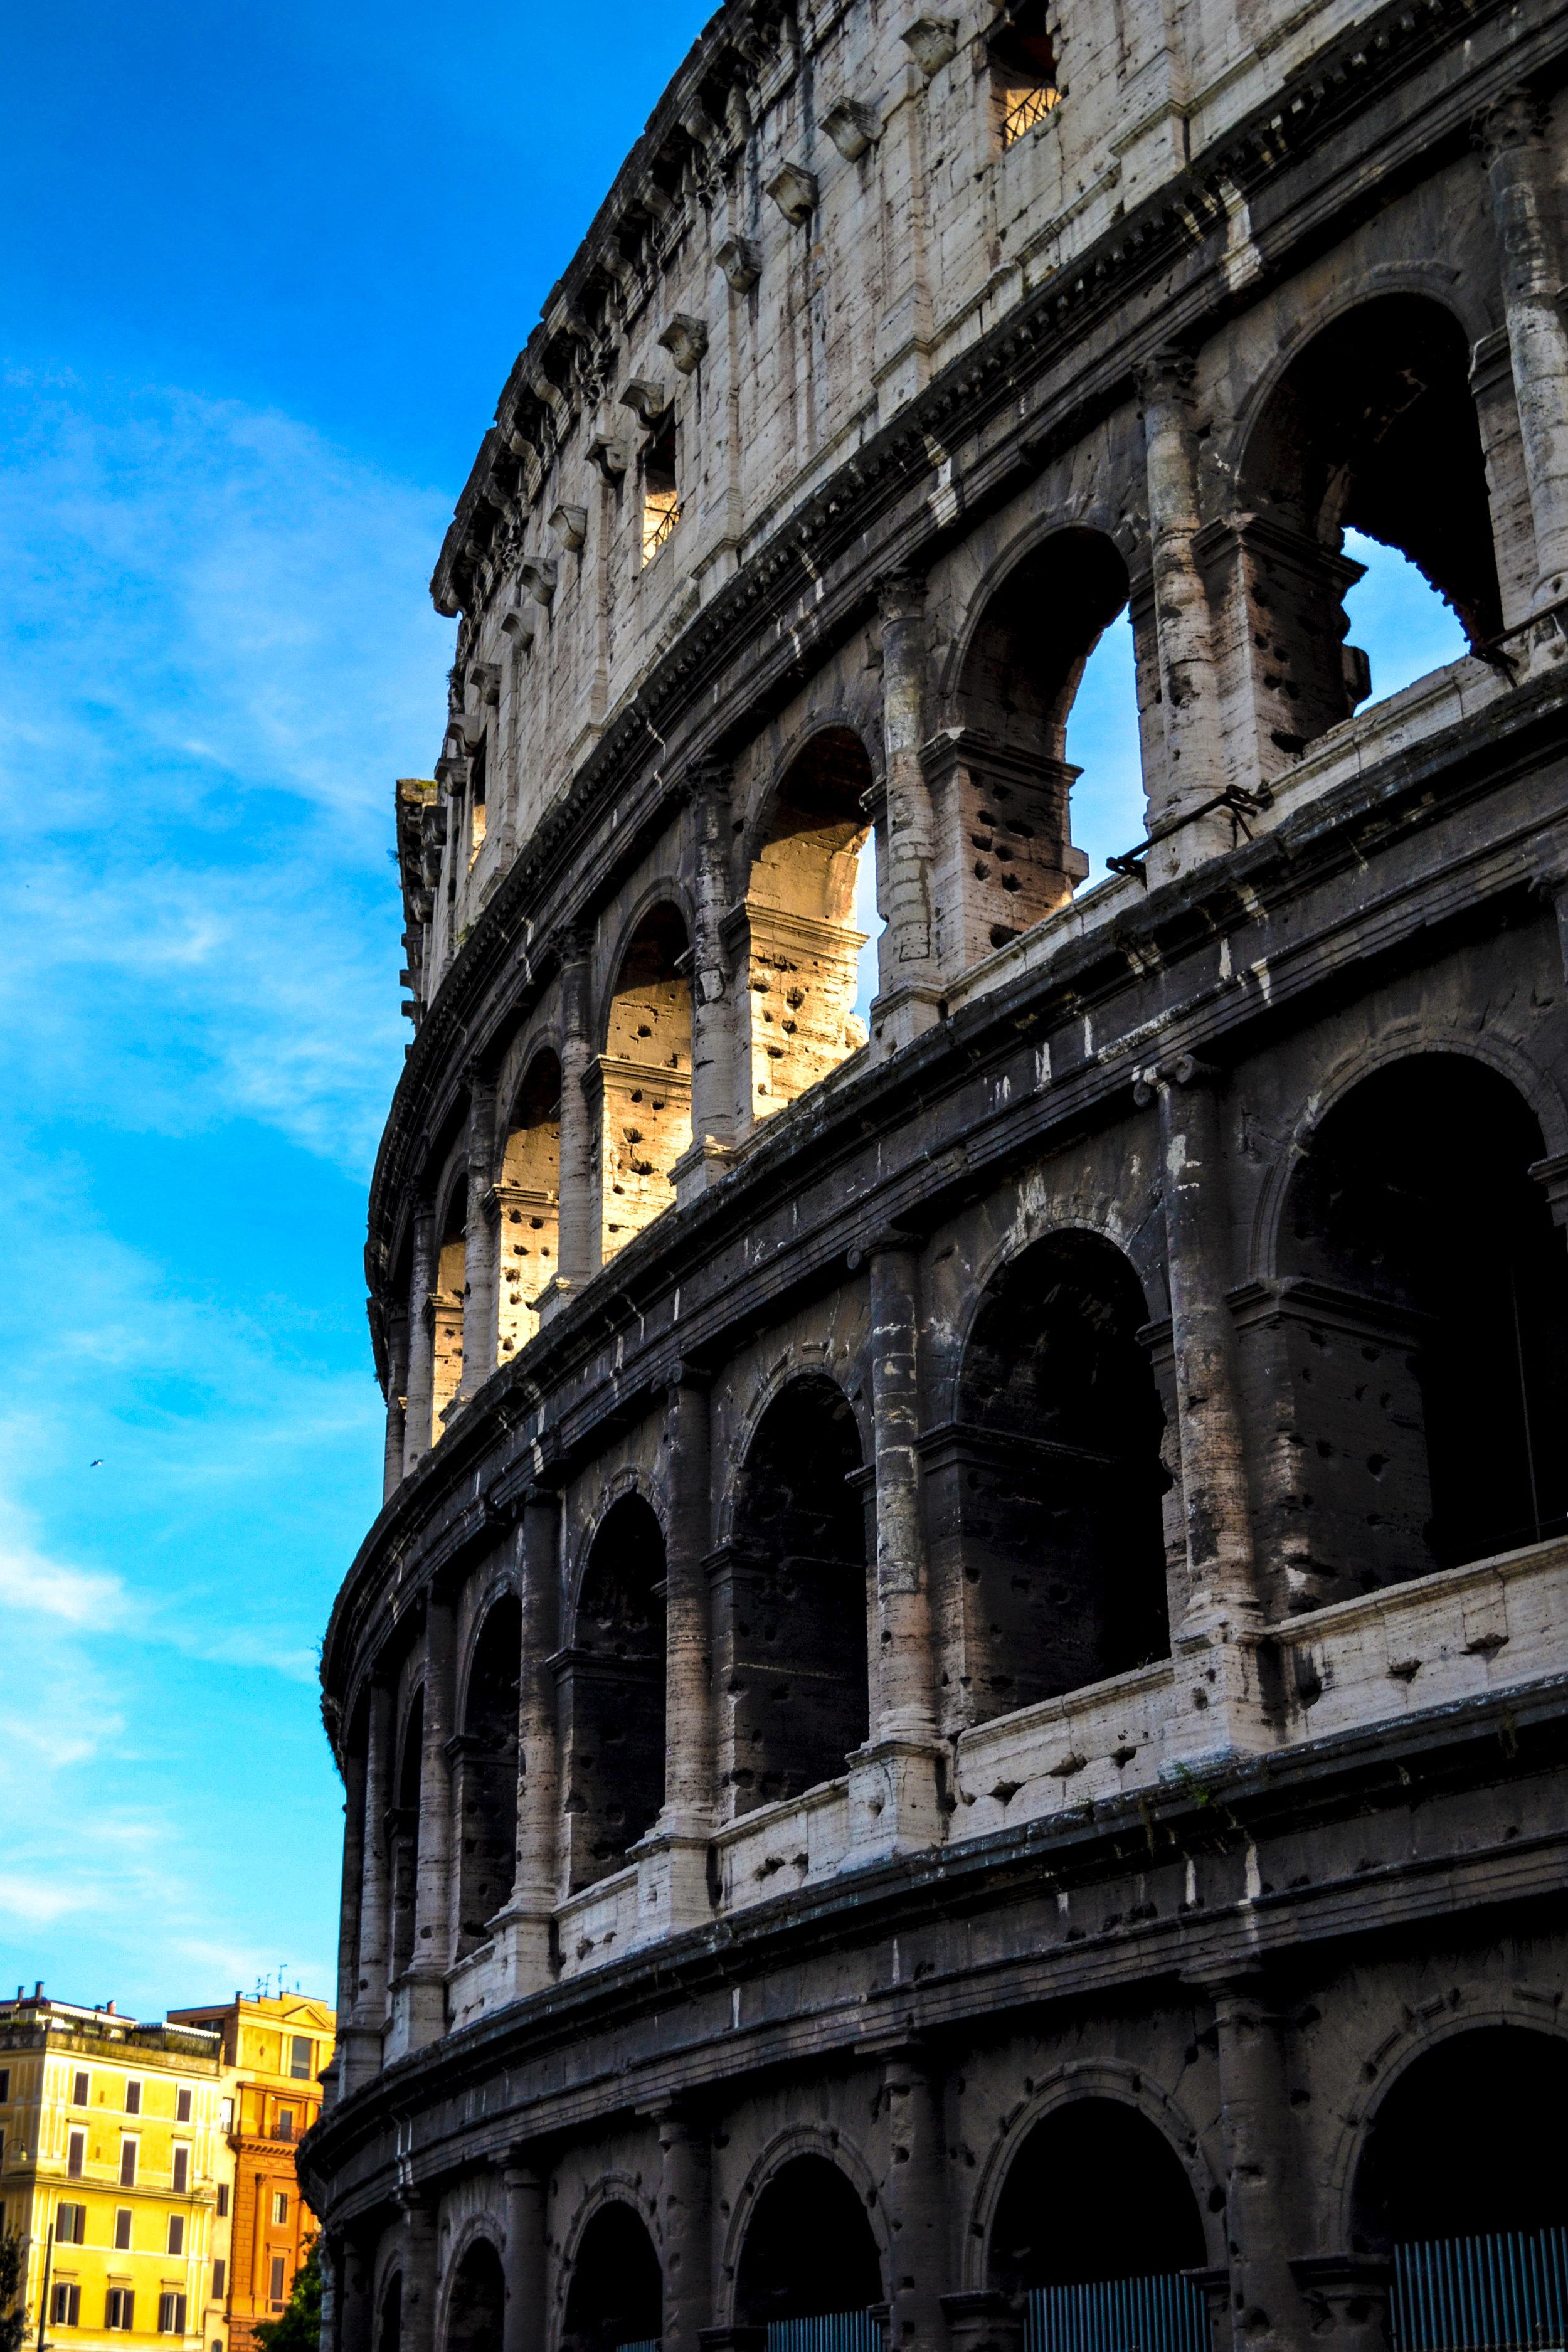 Colosseum Edited.jpg